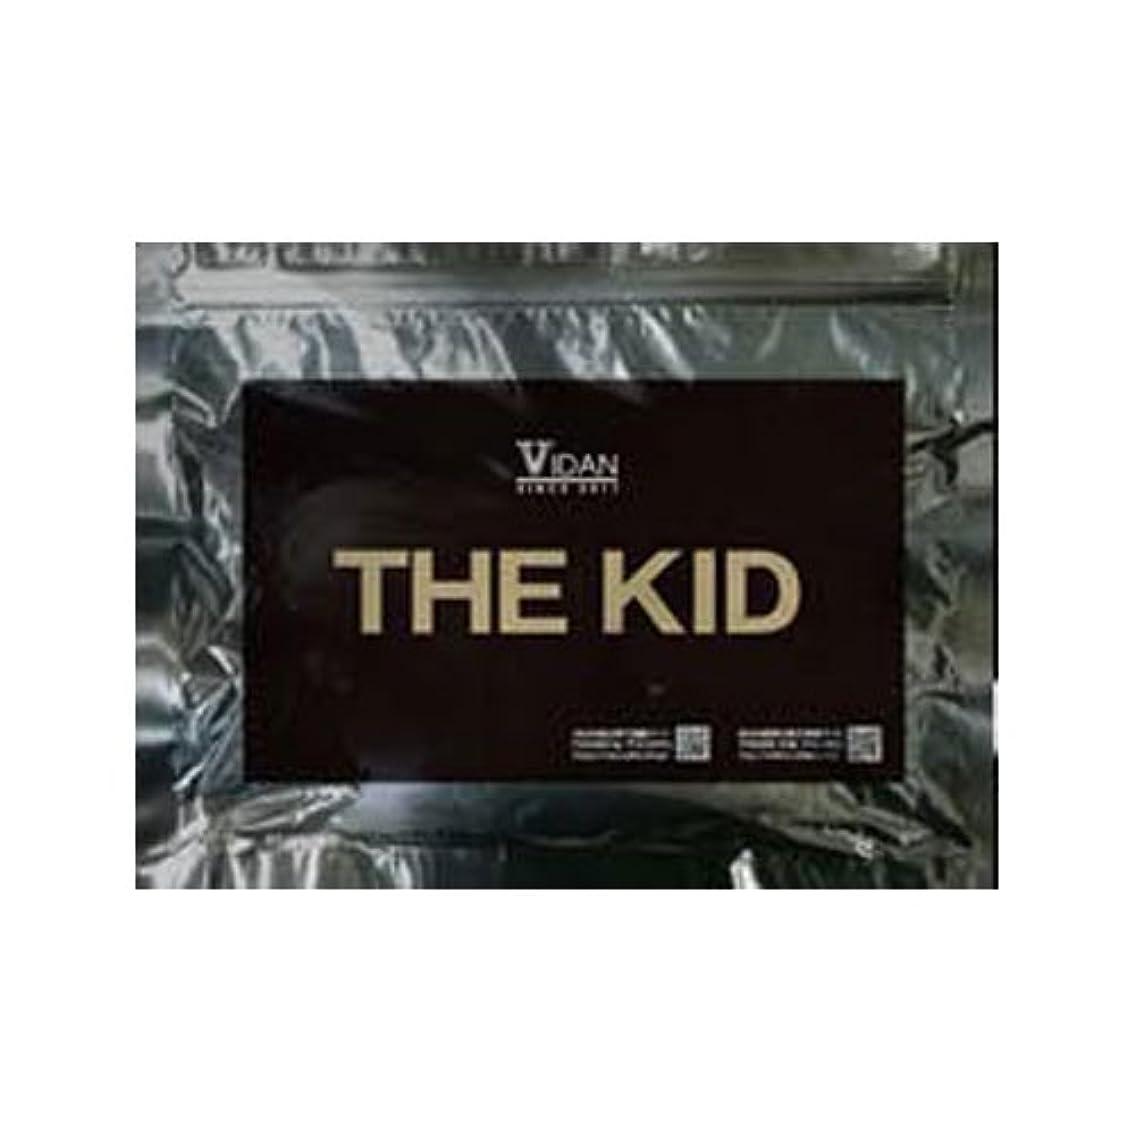 カカドゥ説明誰も:ビダンザキッド VIDAN THE KID 20枚入り